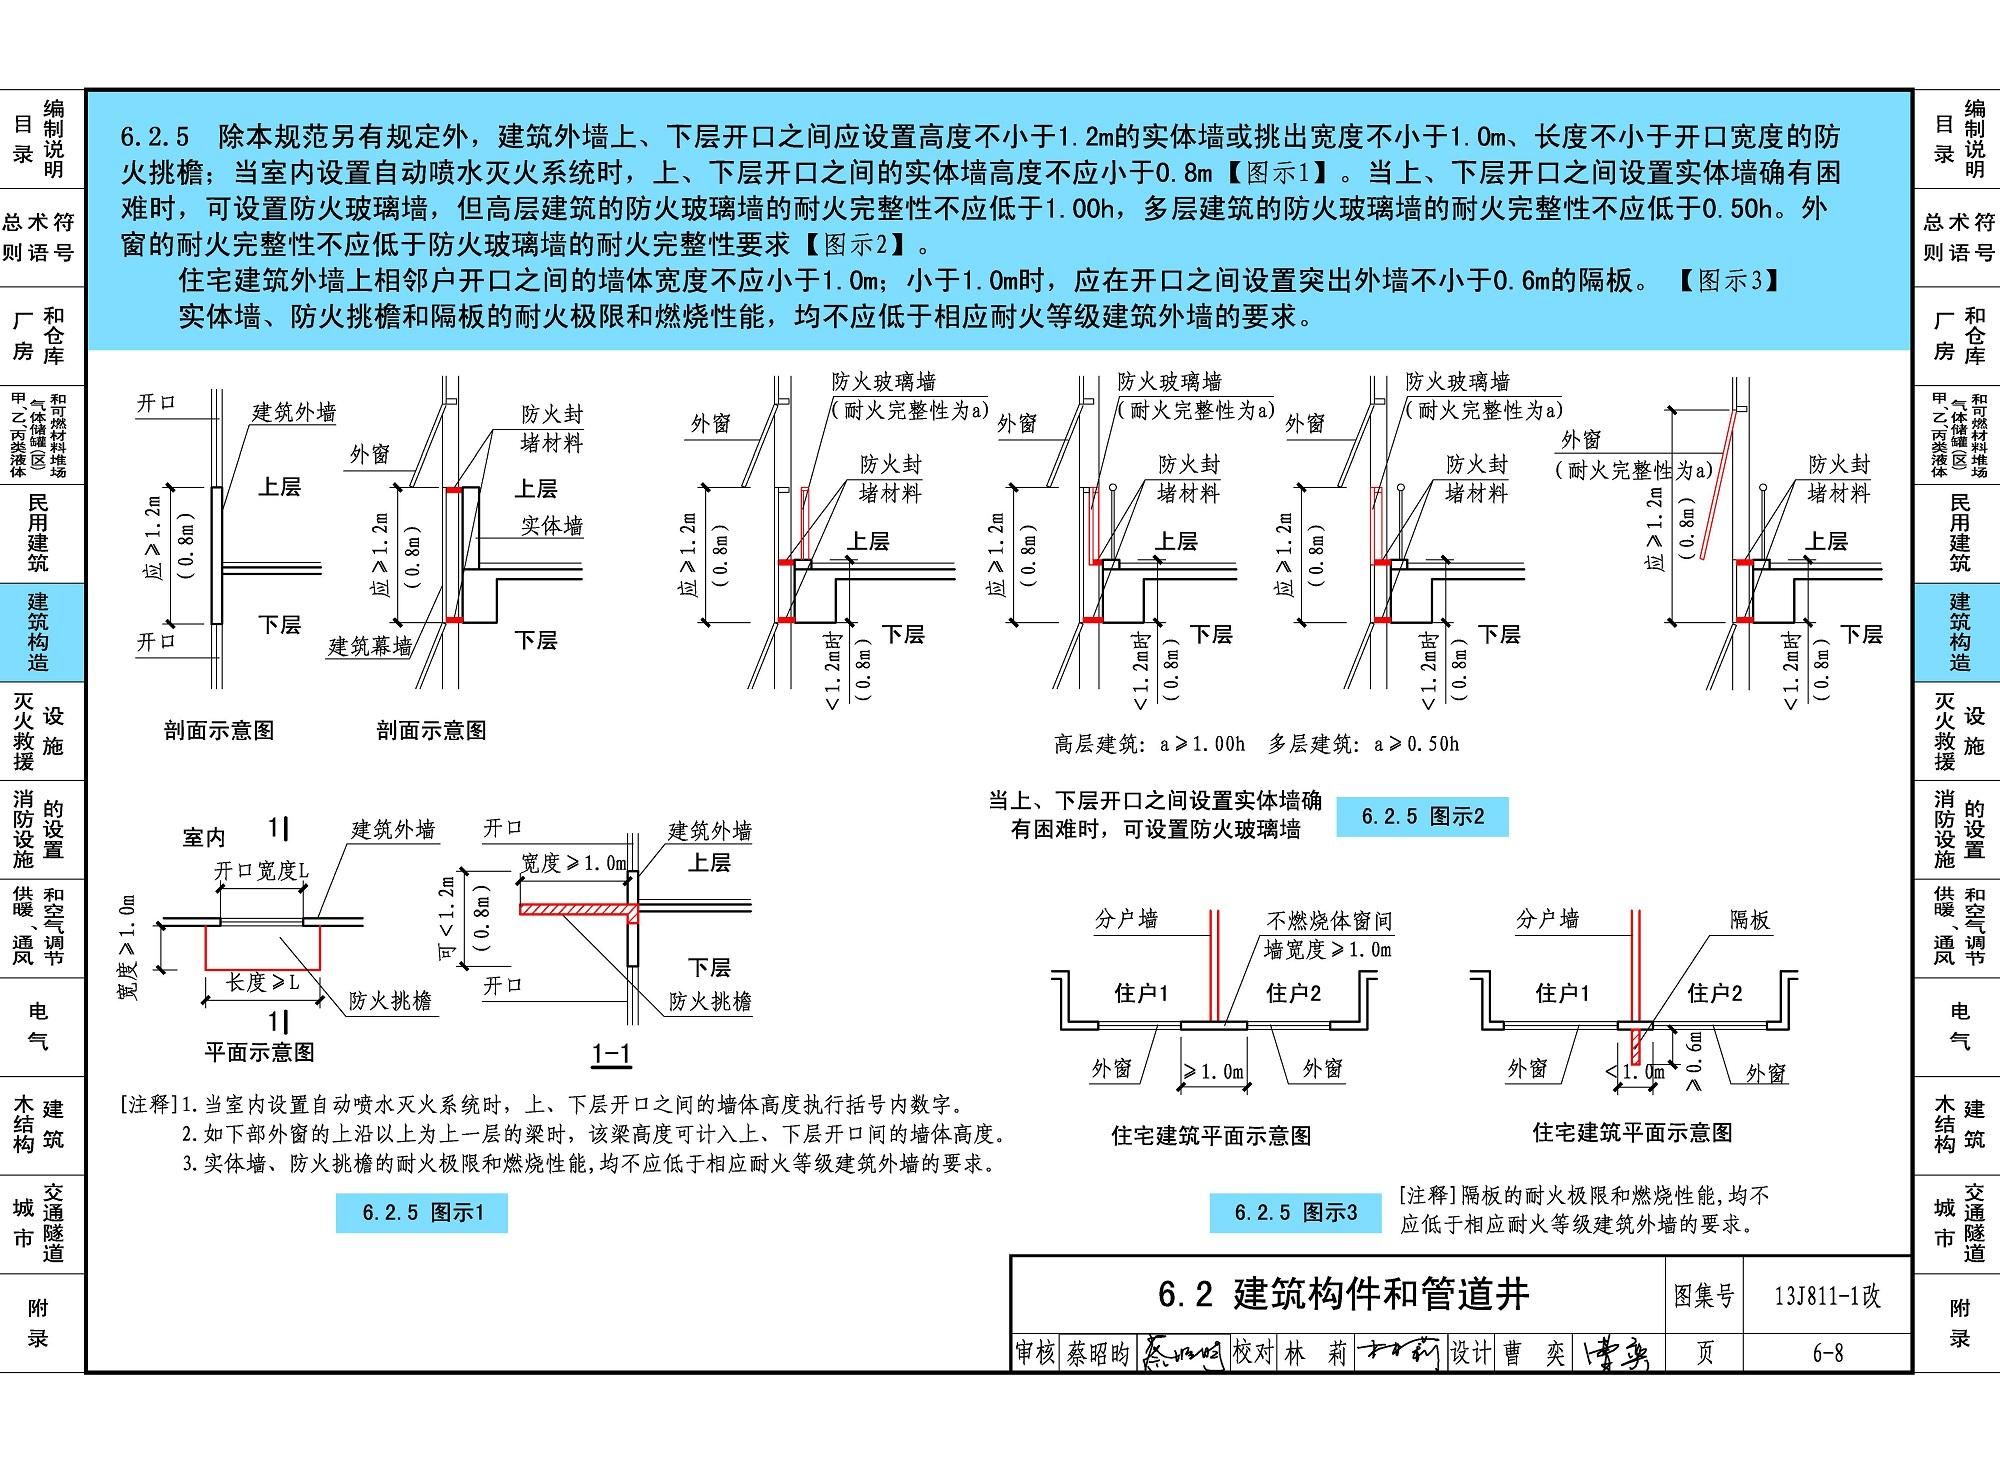 教材绘制国家v教材图集13J811-1改《建筑设计建筑标准表格图片